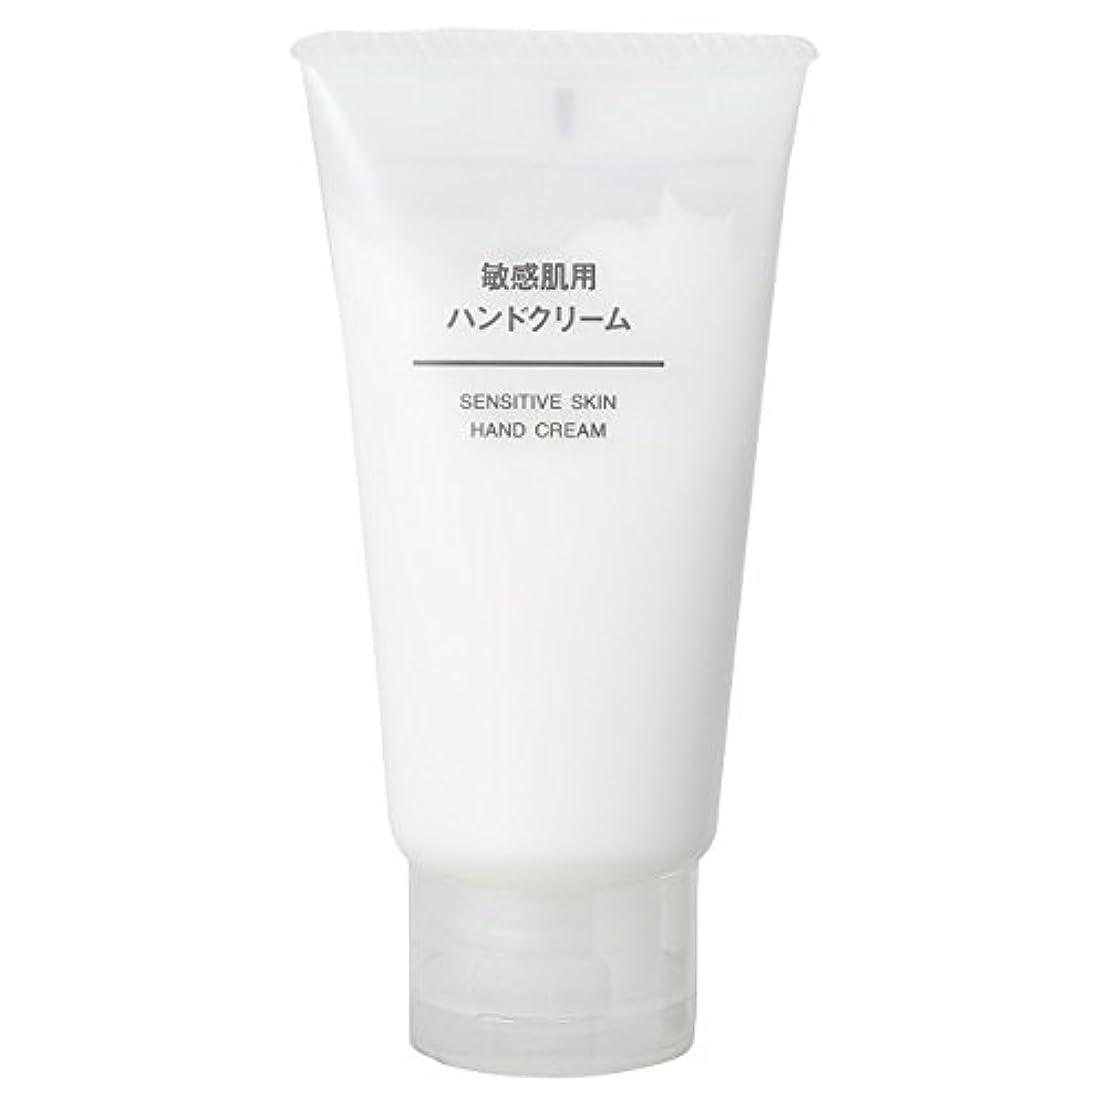 レバー優越十分な無印良品 敏感肌用 ハンドクリーム 50g 日本製